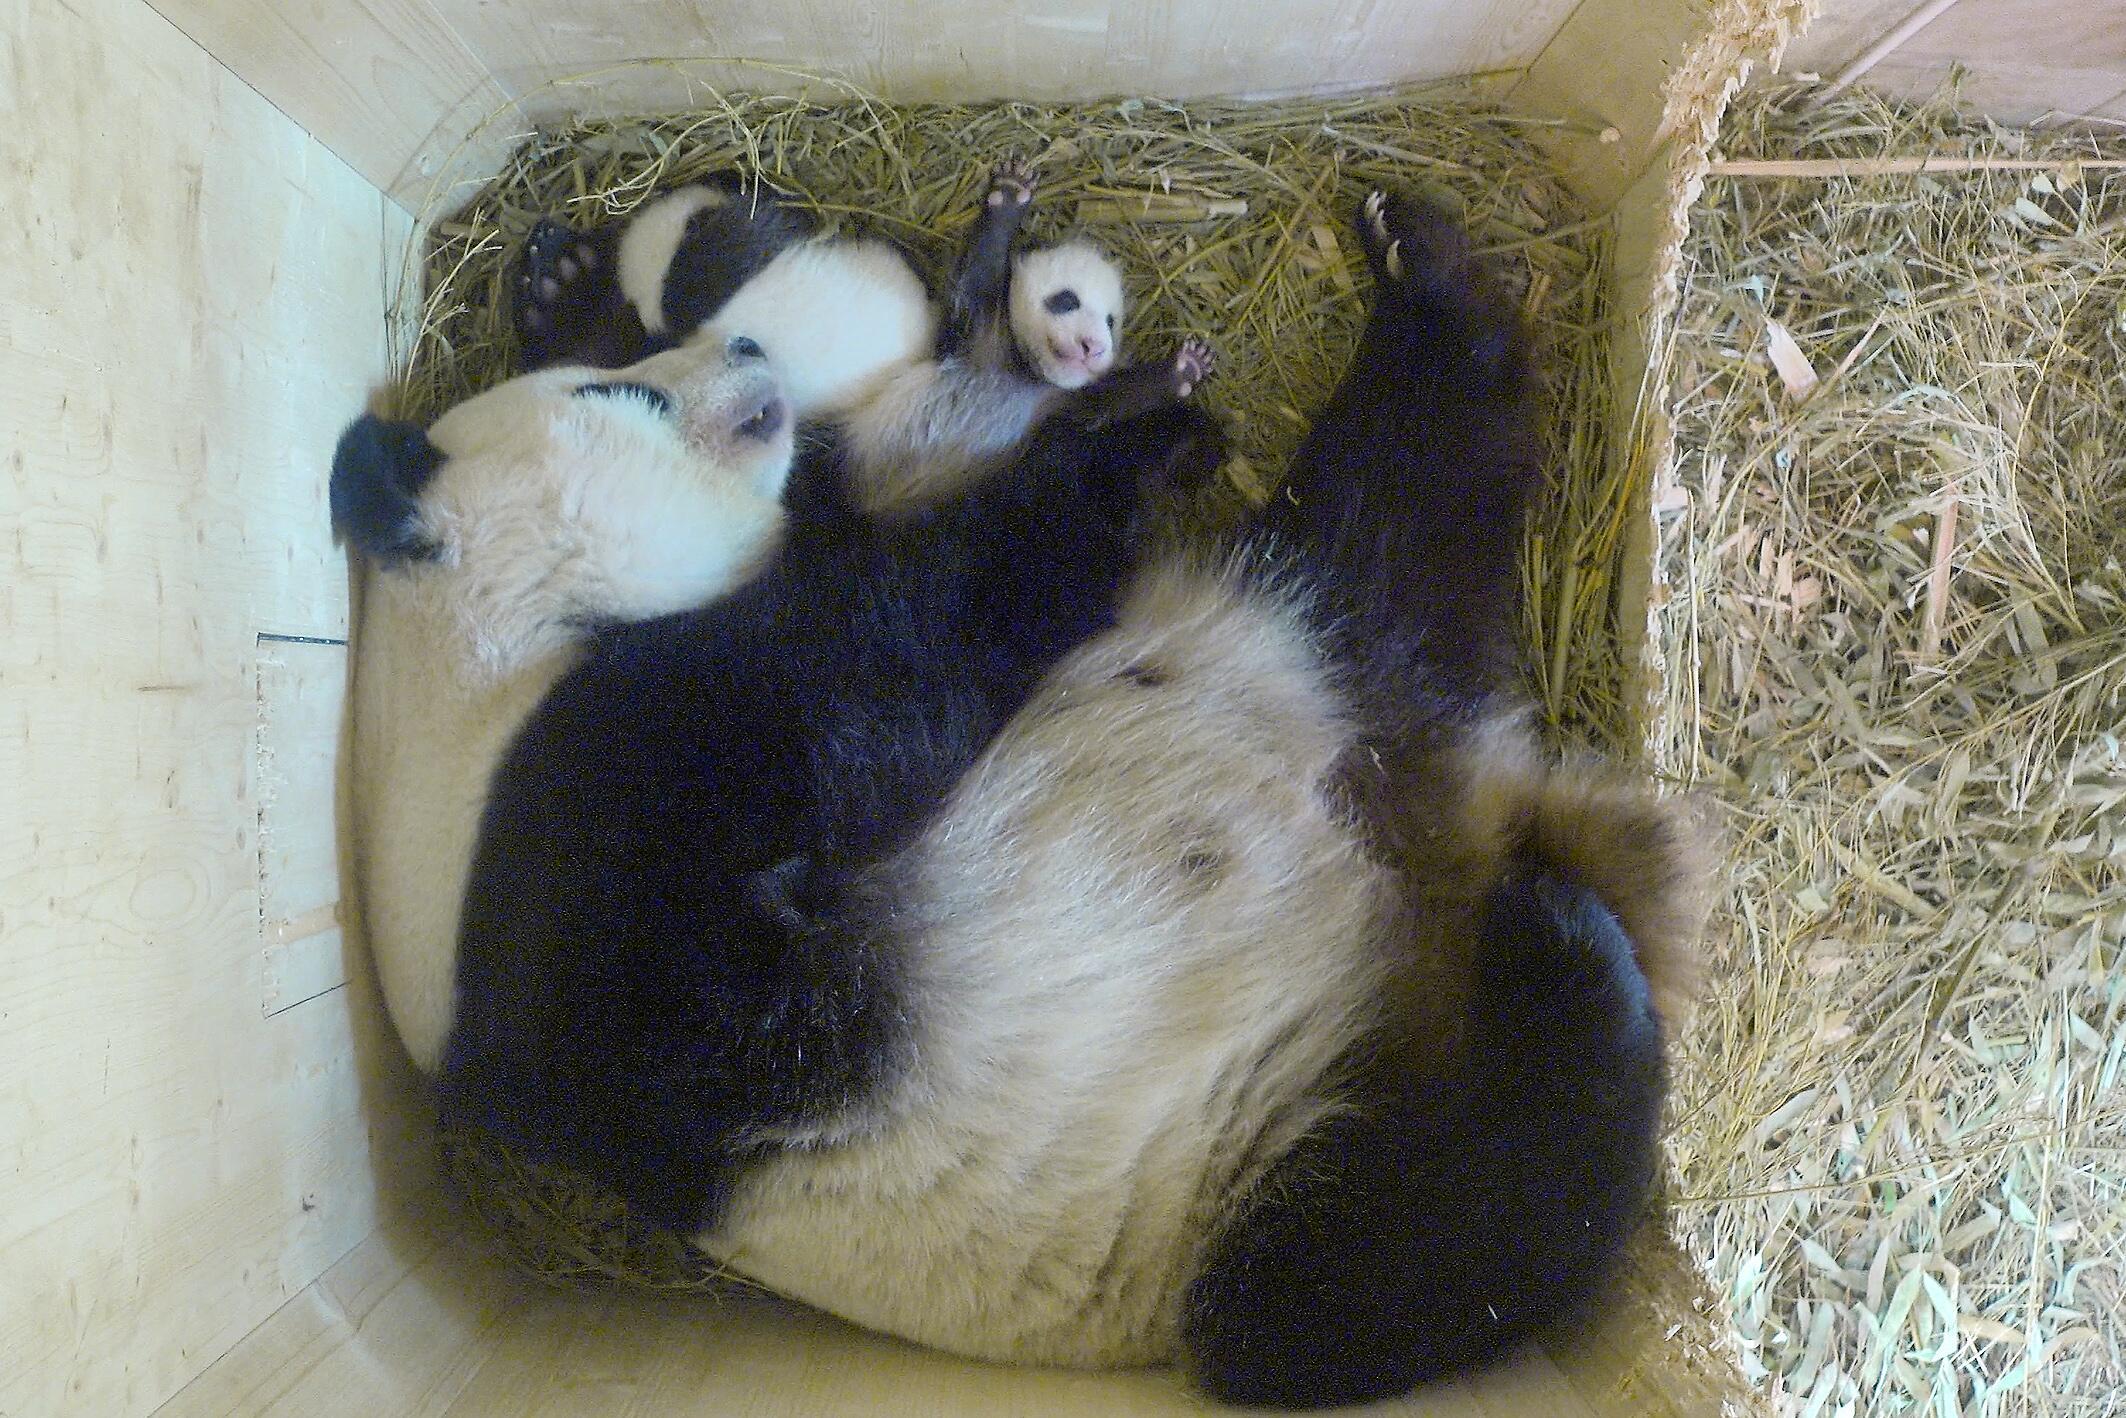 Bild zu Panda-Zwillinge, Tiergarten Schönbrunn